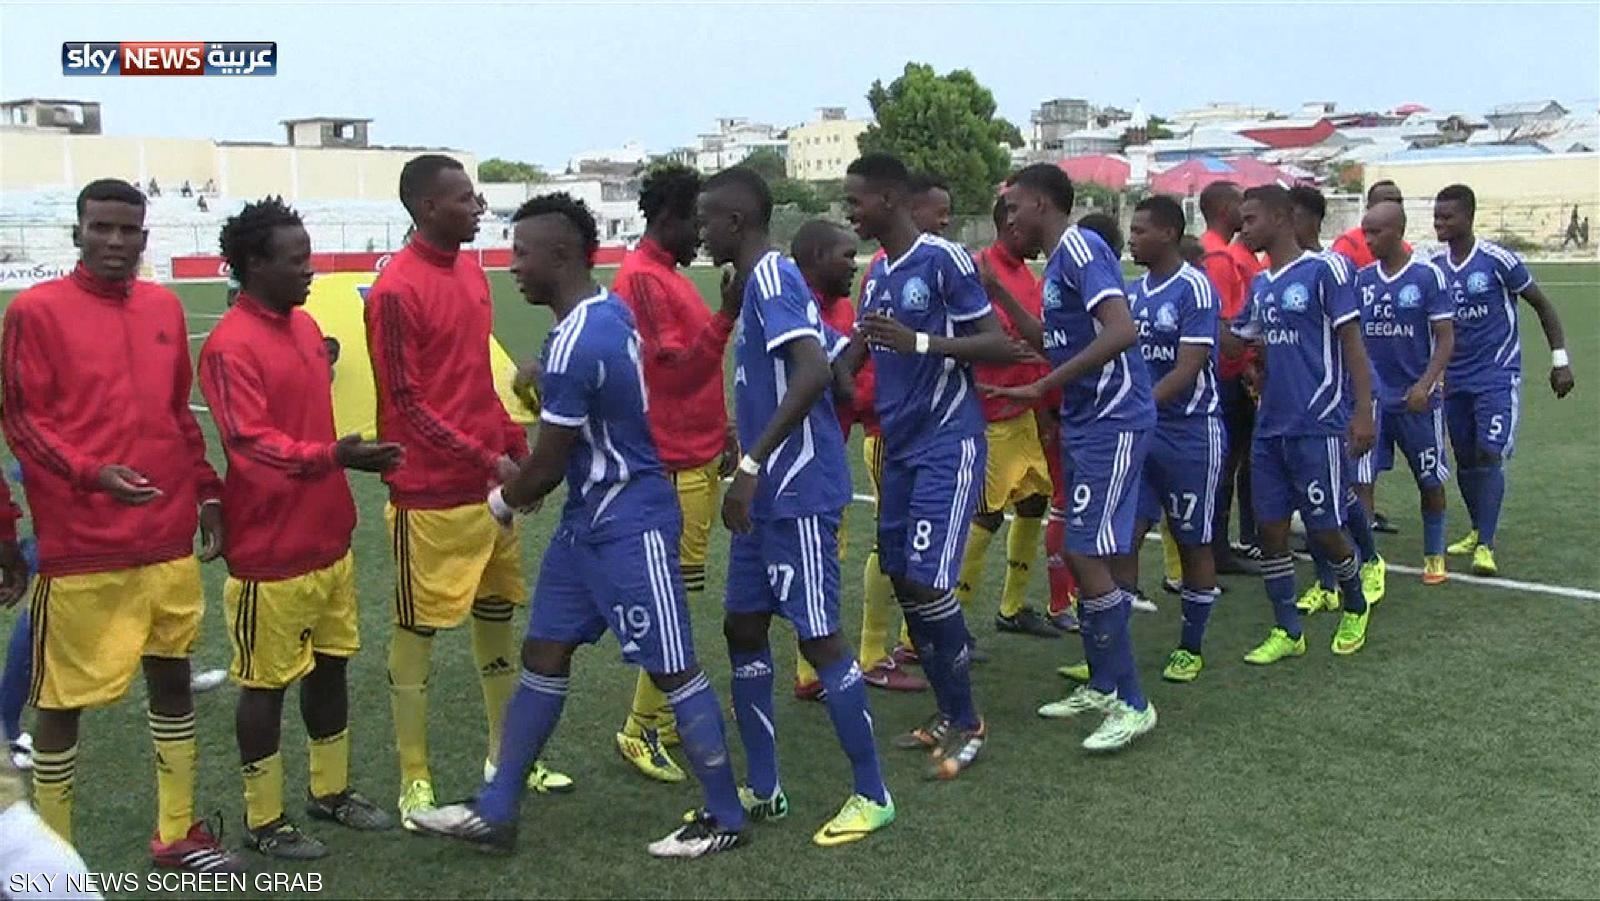 لأوّل مرّة في الصومال.. نقل مباراة كرة قدم تلفزيونيًا